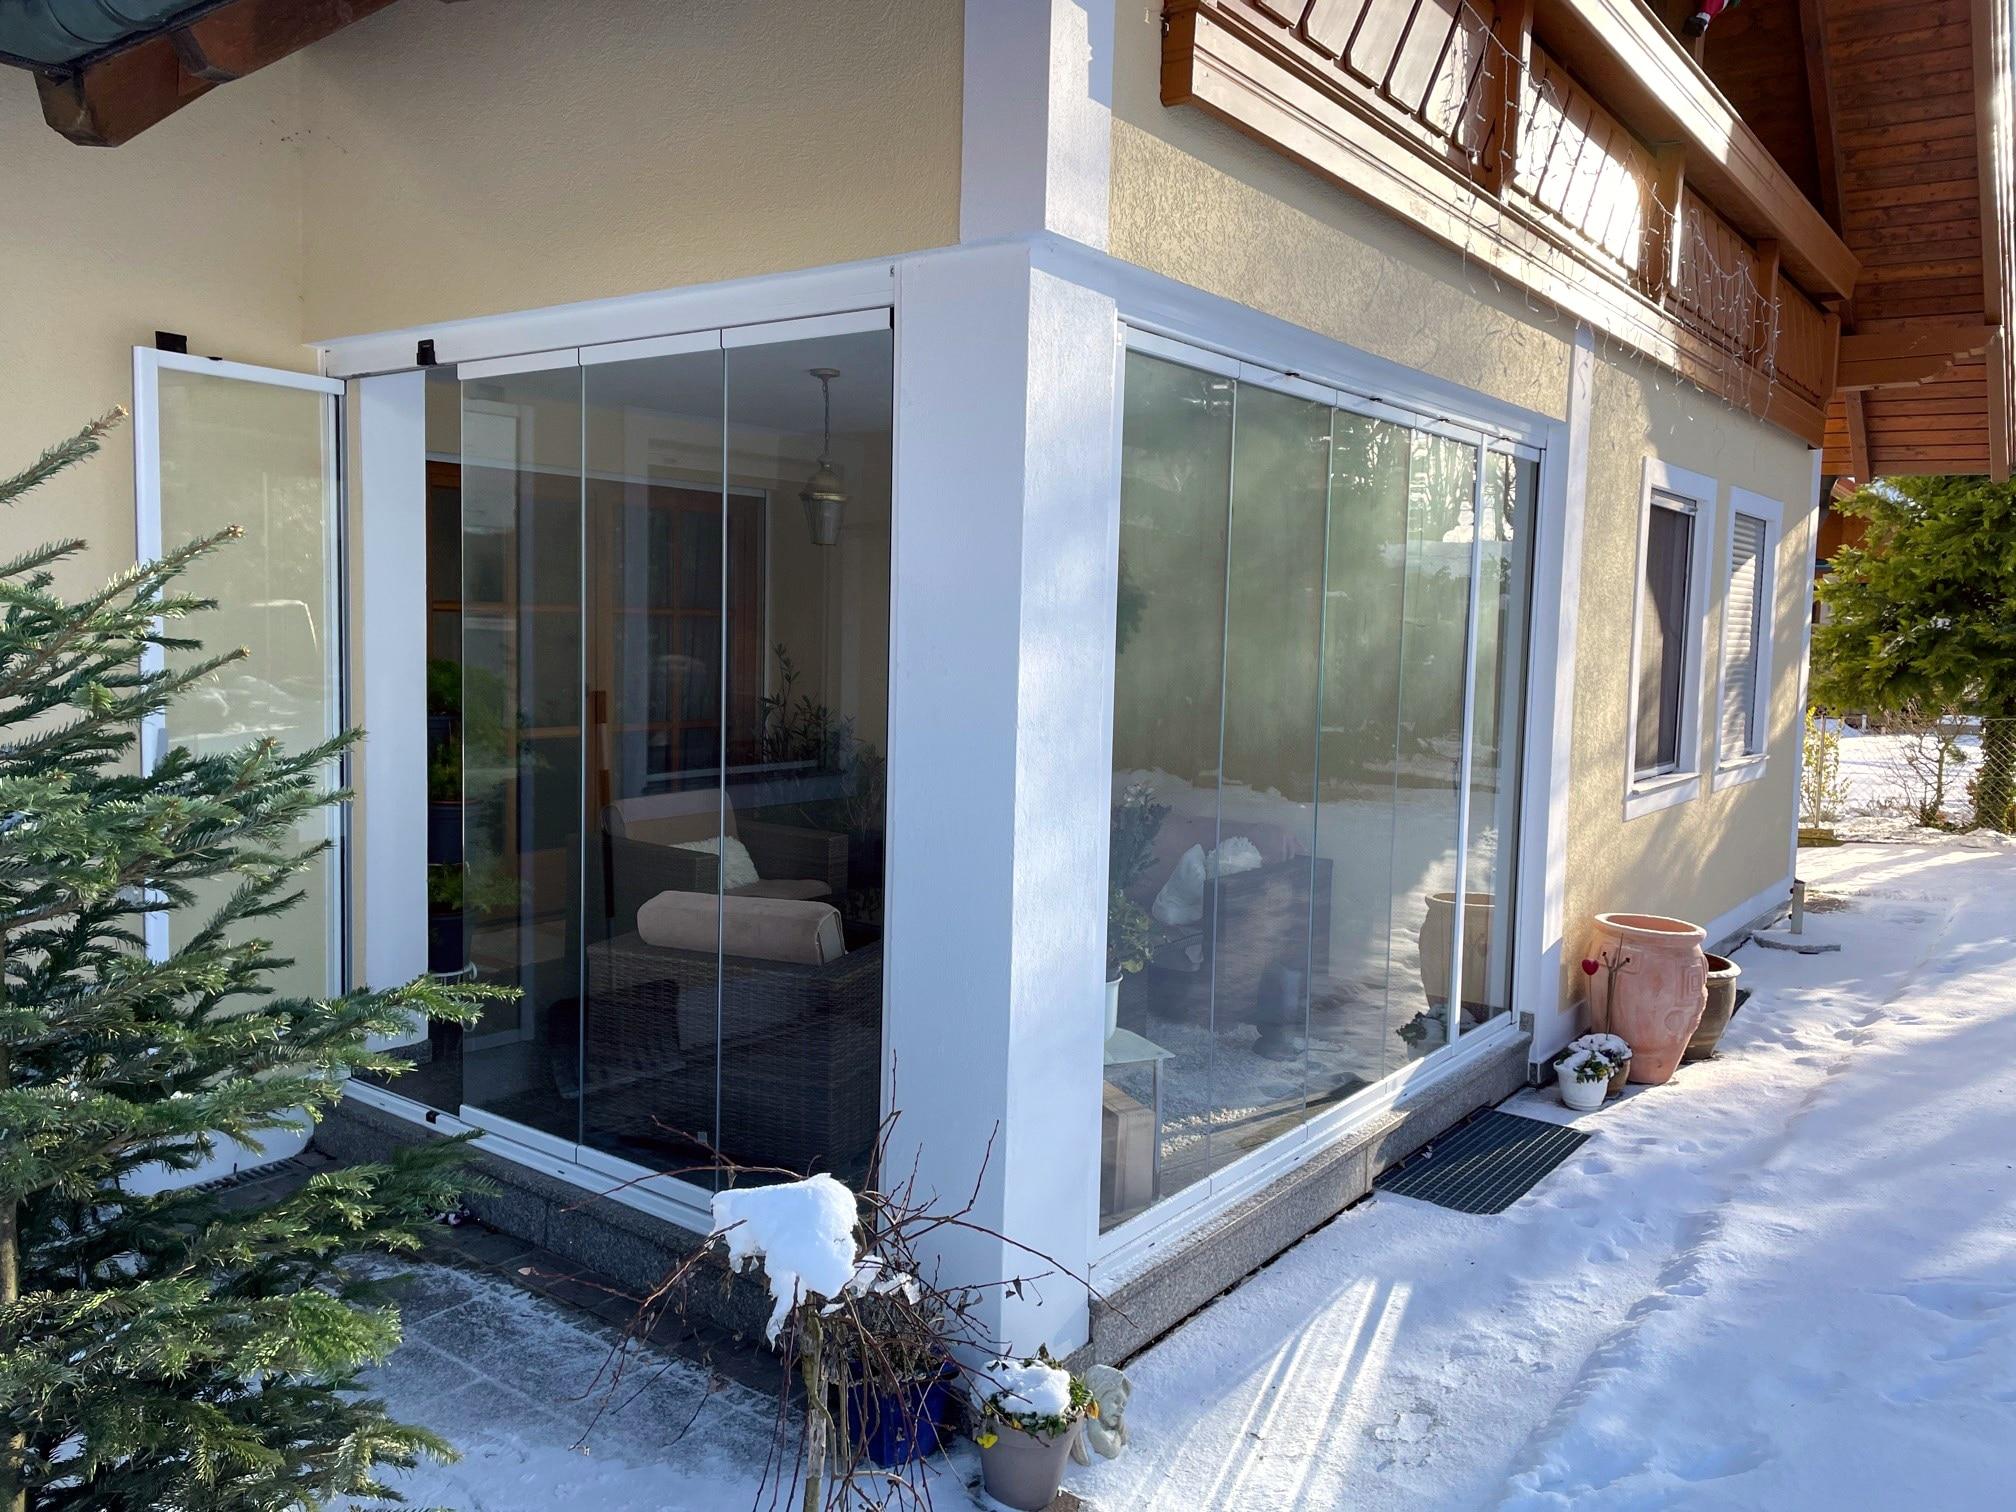 Erweiterung des Wohnraums mit Schiebe-Dreh Türen